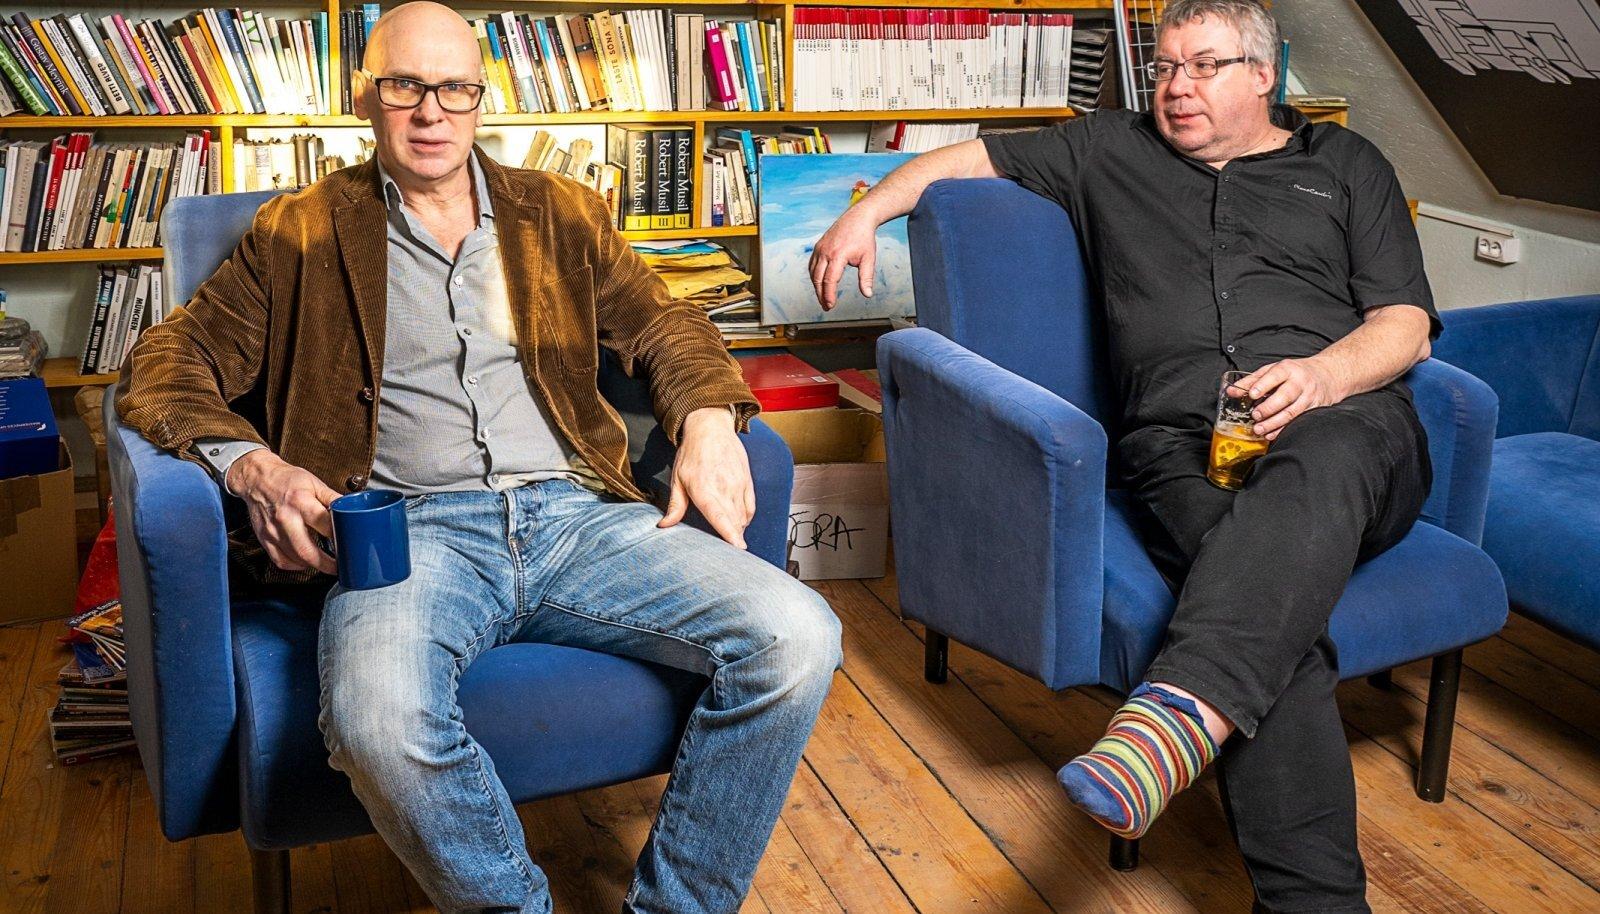 Filmimees Manfred Vainokivi ja kirjamees Peeter Sauter räägivad naistest.